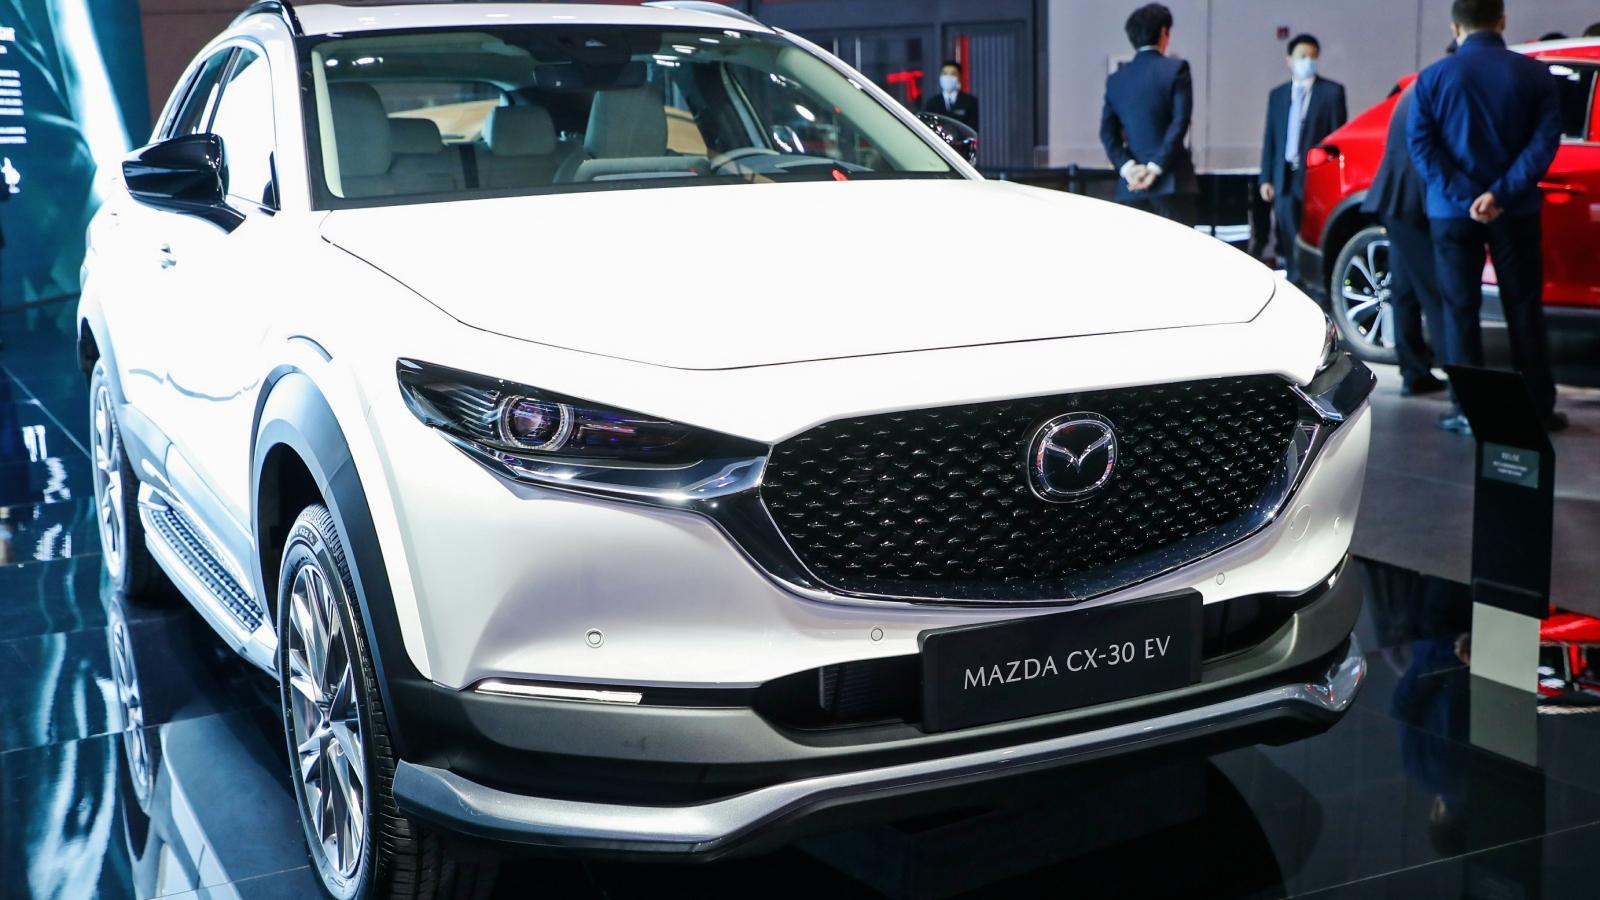 Mazda CX-30 phiên bản chạy điện chính thức ra mắt tại Triển lãm ô tô Thượng Hải